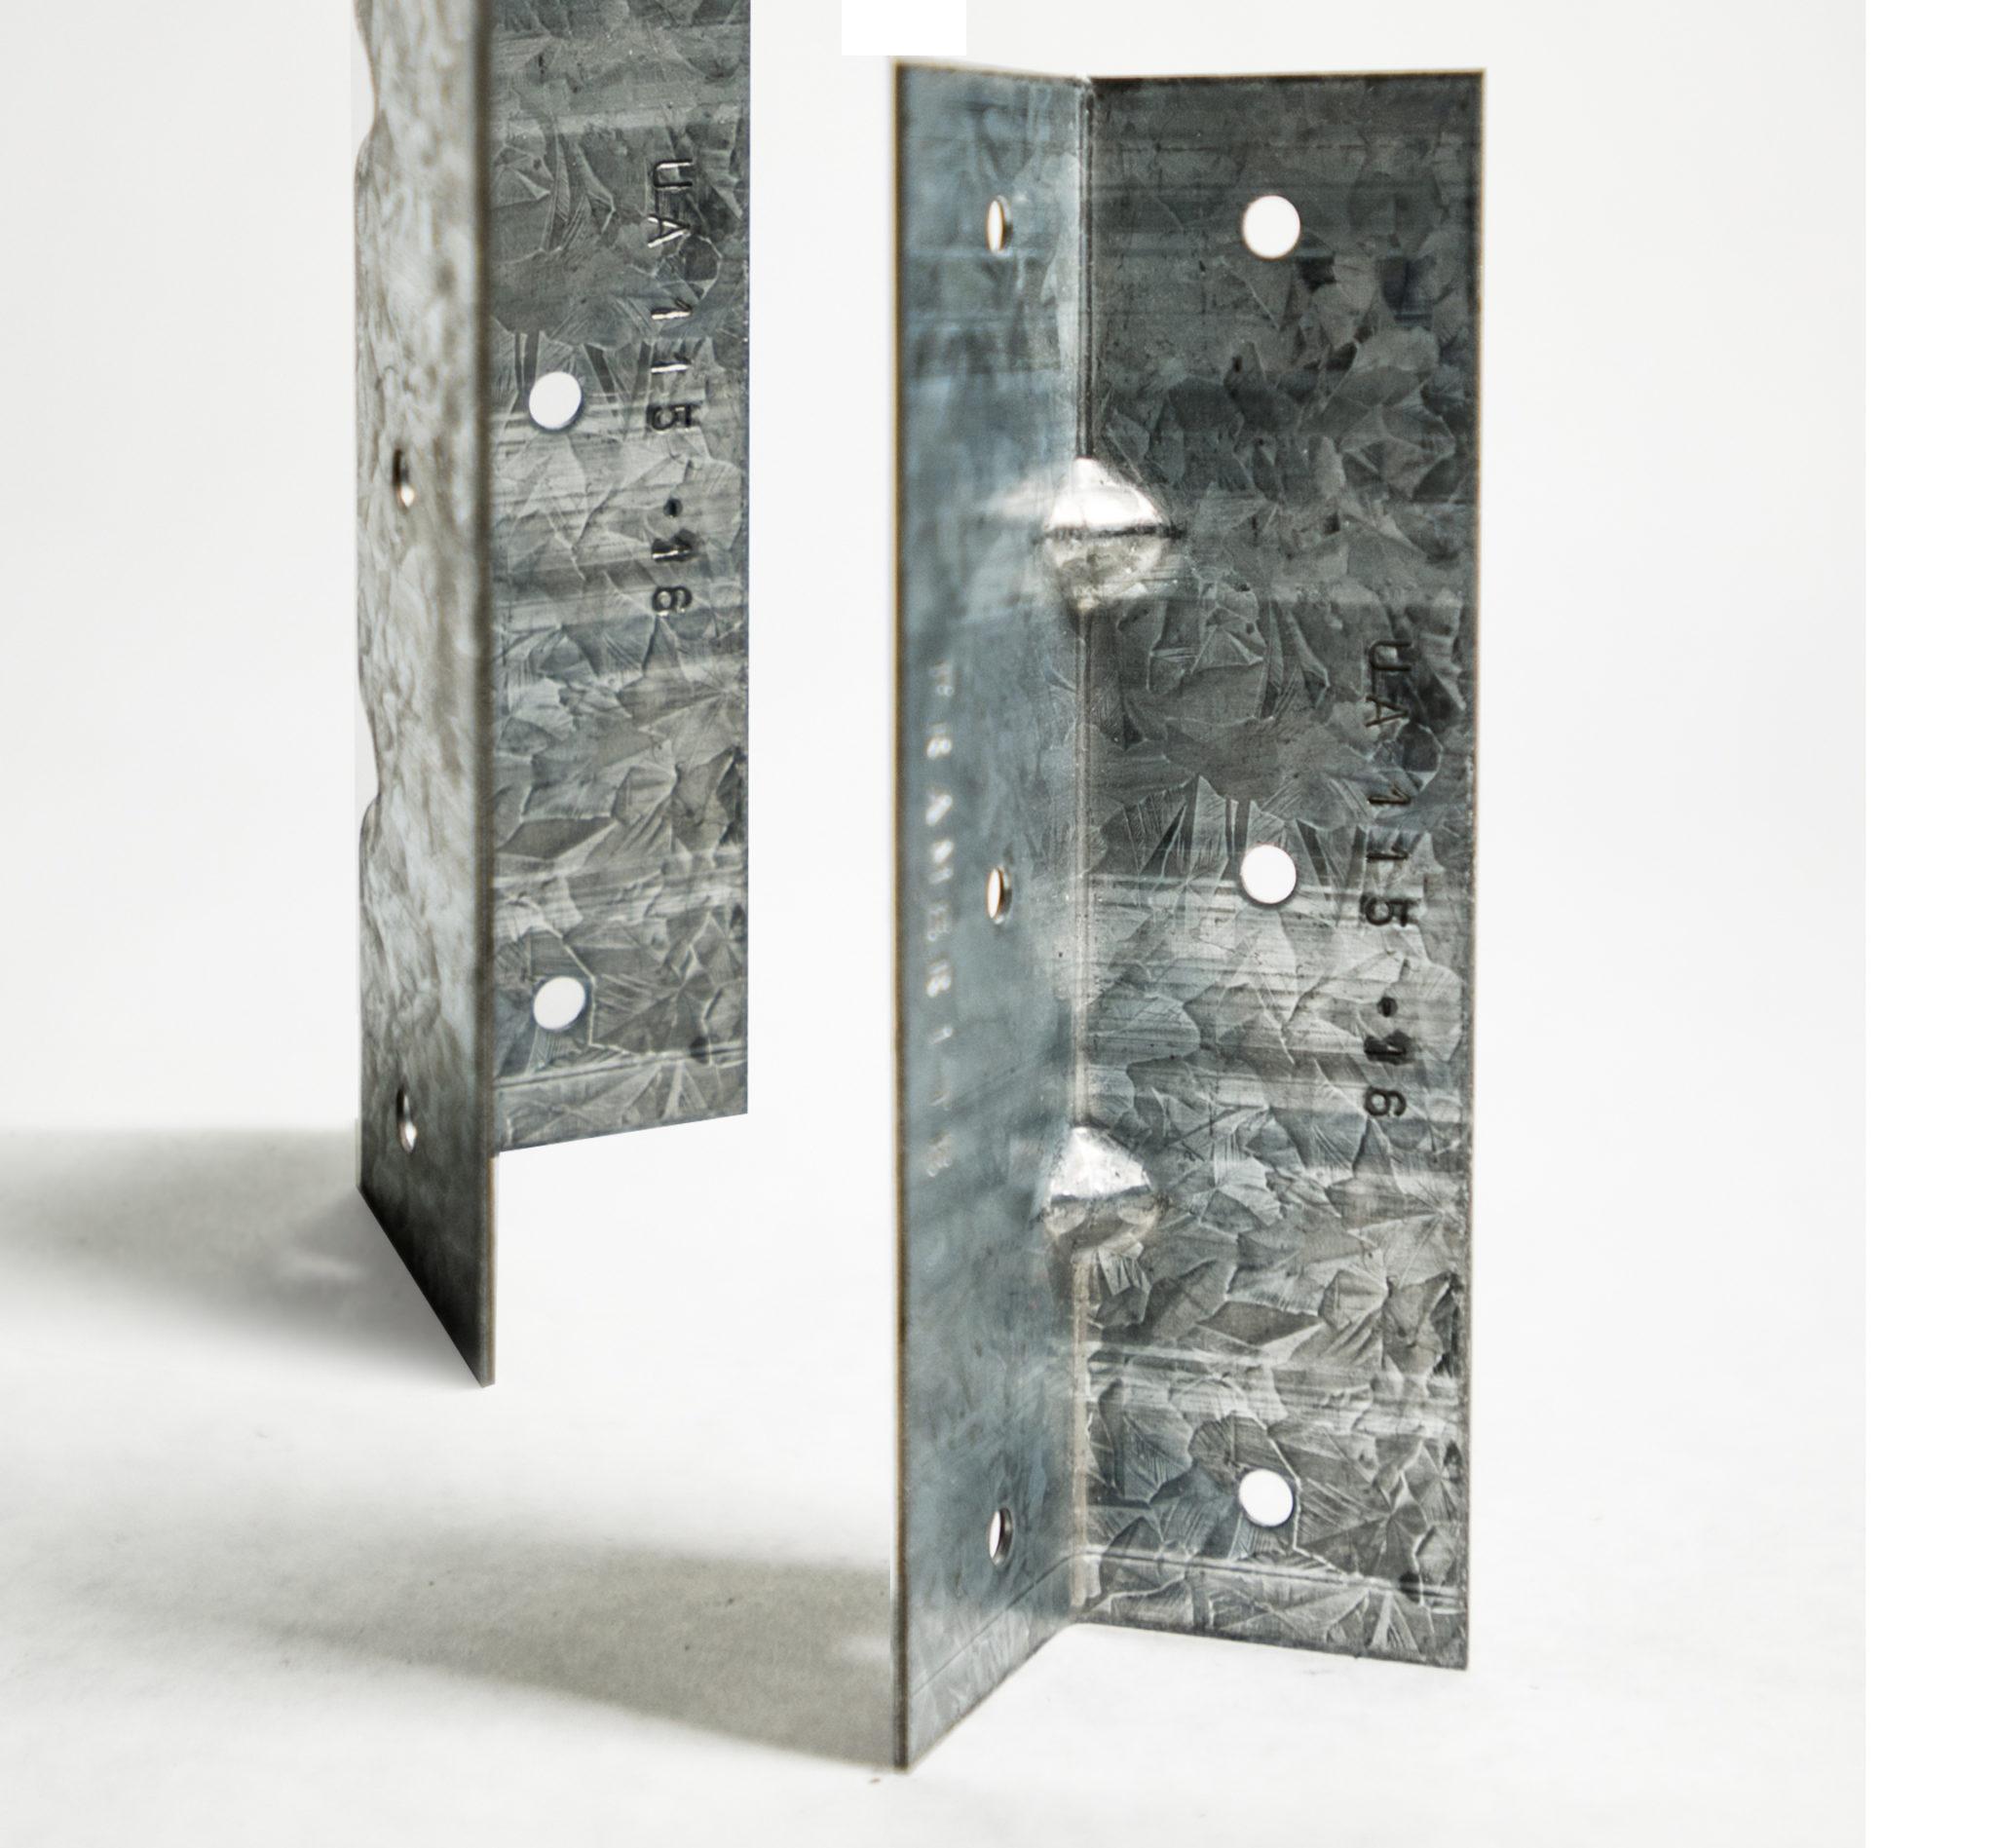 UA Clips, Cold Formed Metal Framing, Steel Stud Framing